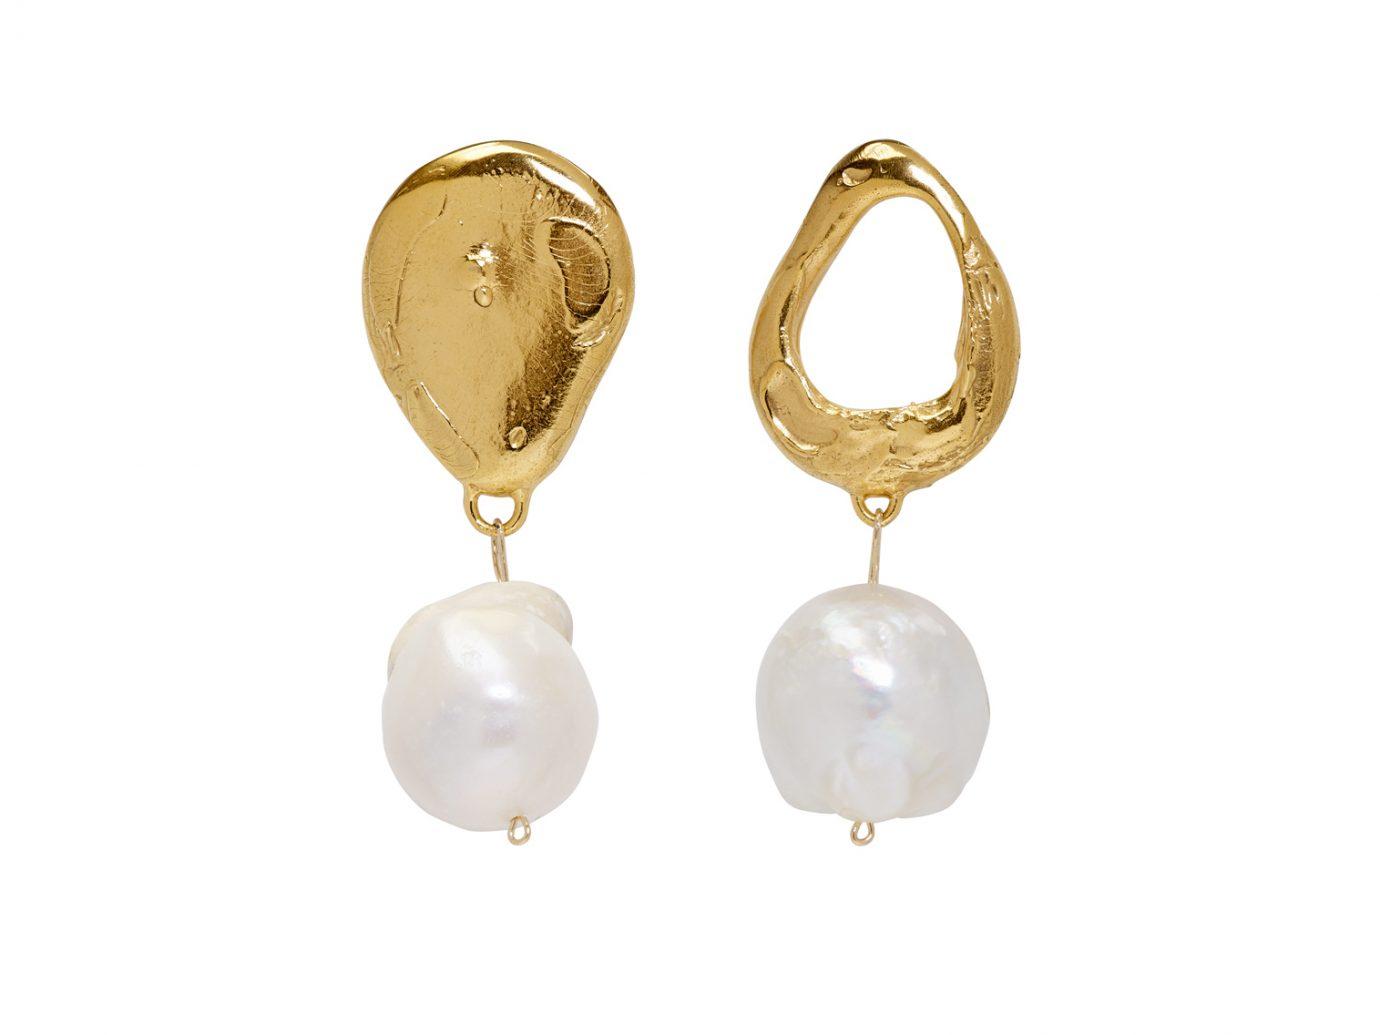 Alighieri Gold The Infernal Storm Pearl Earrings